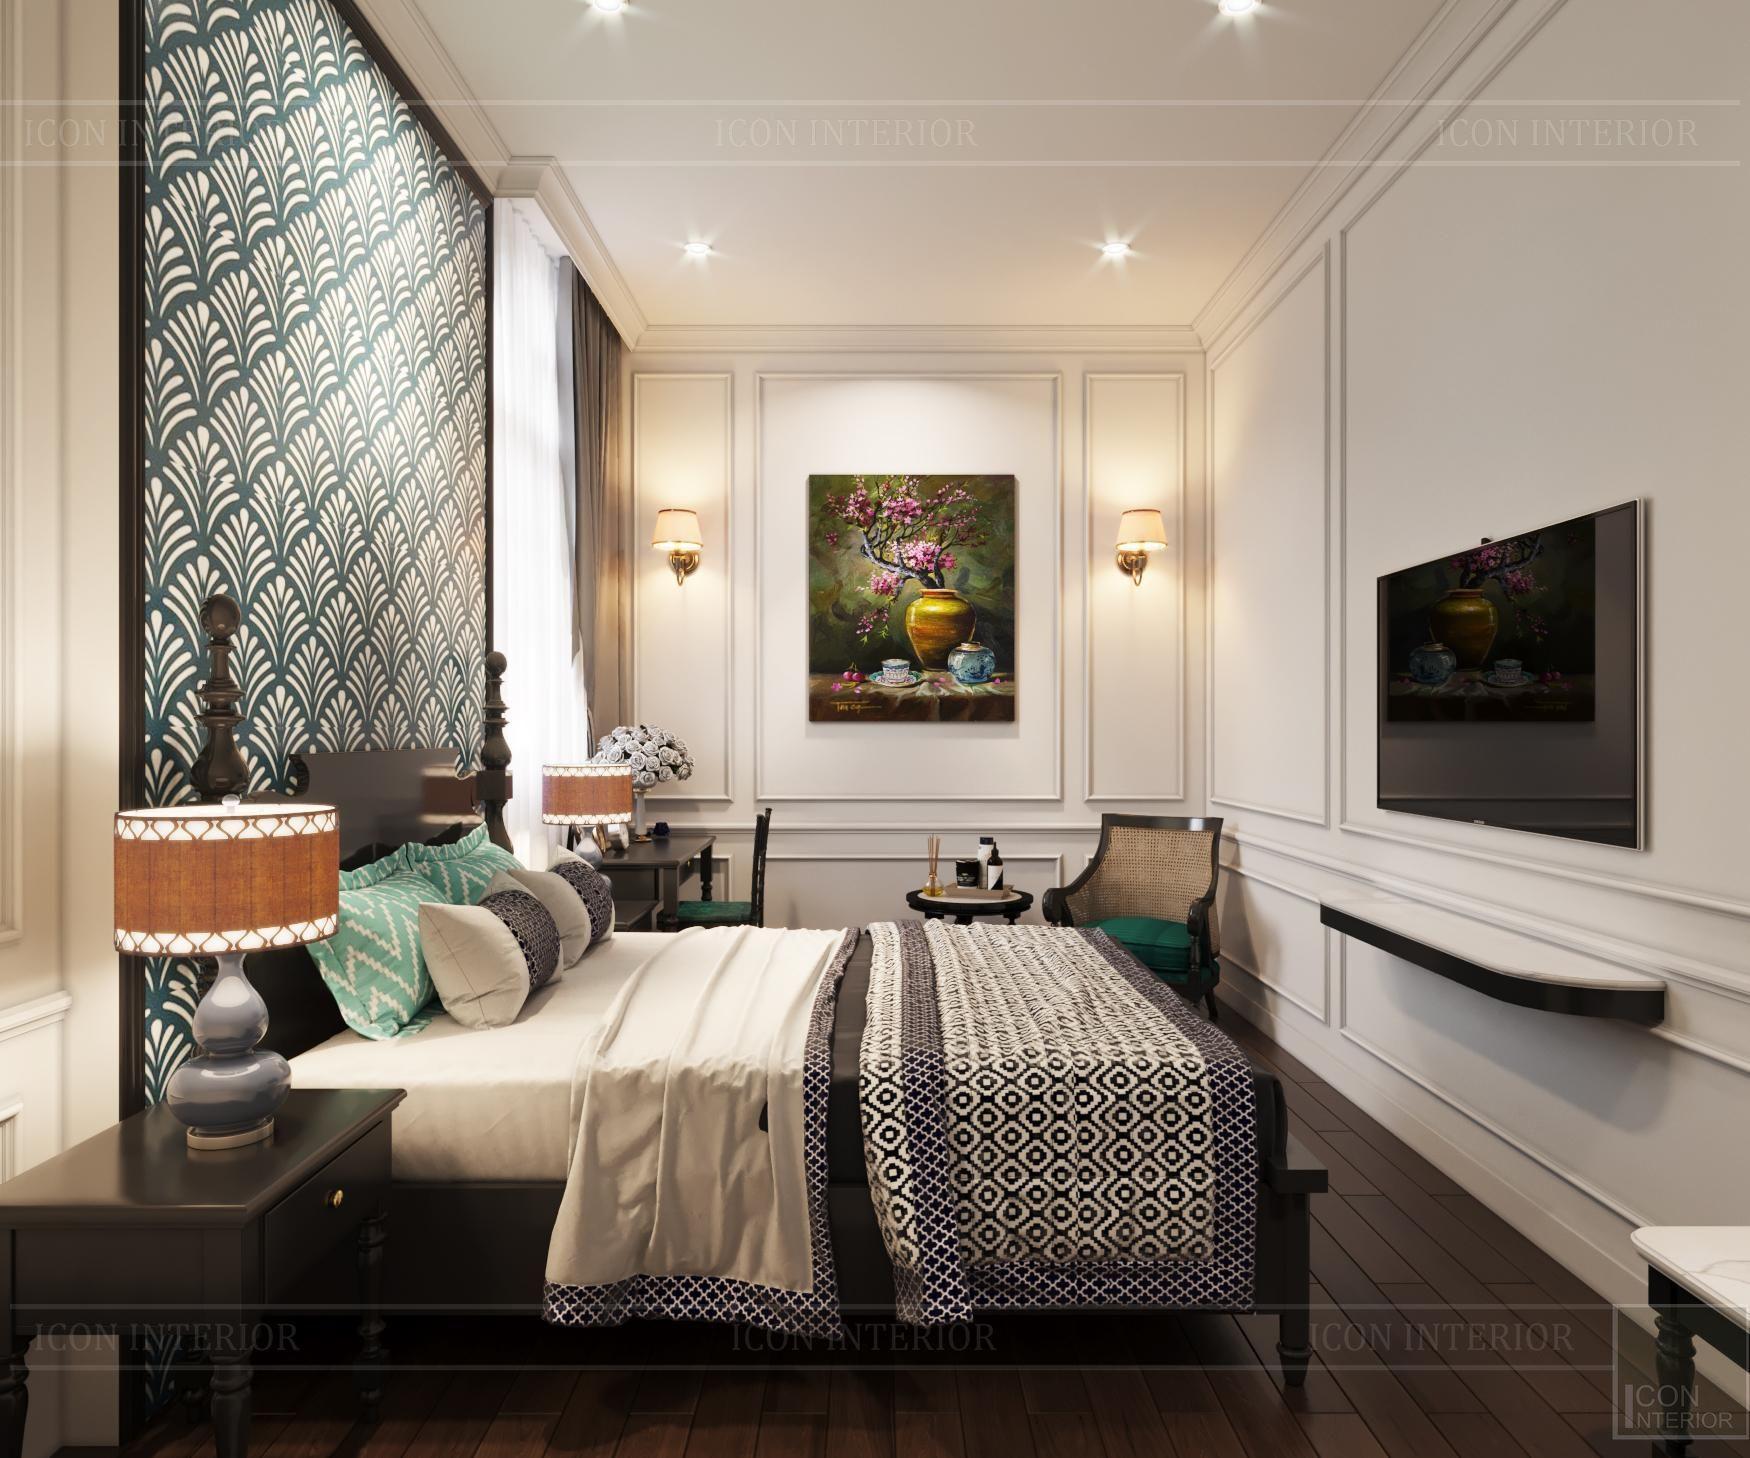 Thiết kế nội thất Khách Sạn tại Lâm Đồng HUYNH THUC KHANG HOTEL Da Lat 1582874165 4